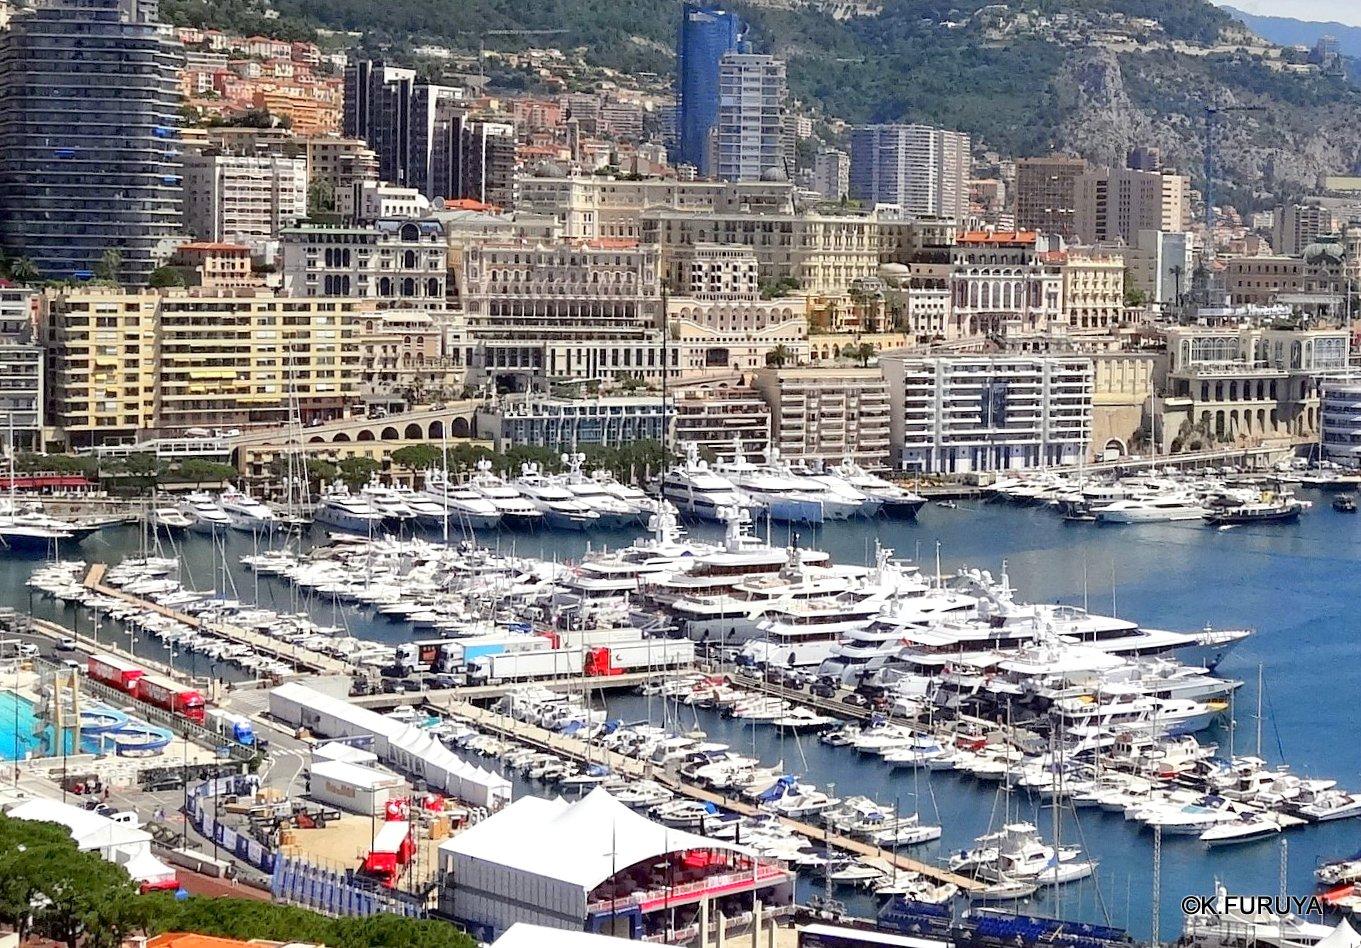 フランス周遊の旅 1  モナコ_a0092659_21405712.jpg